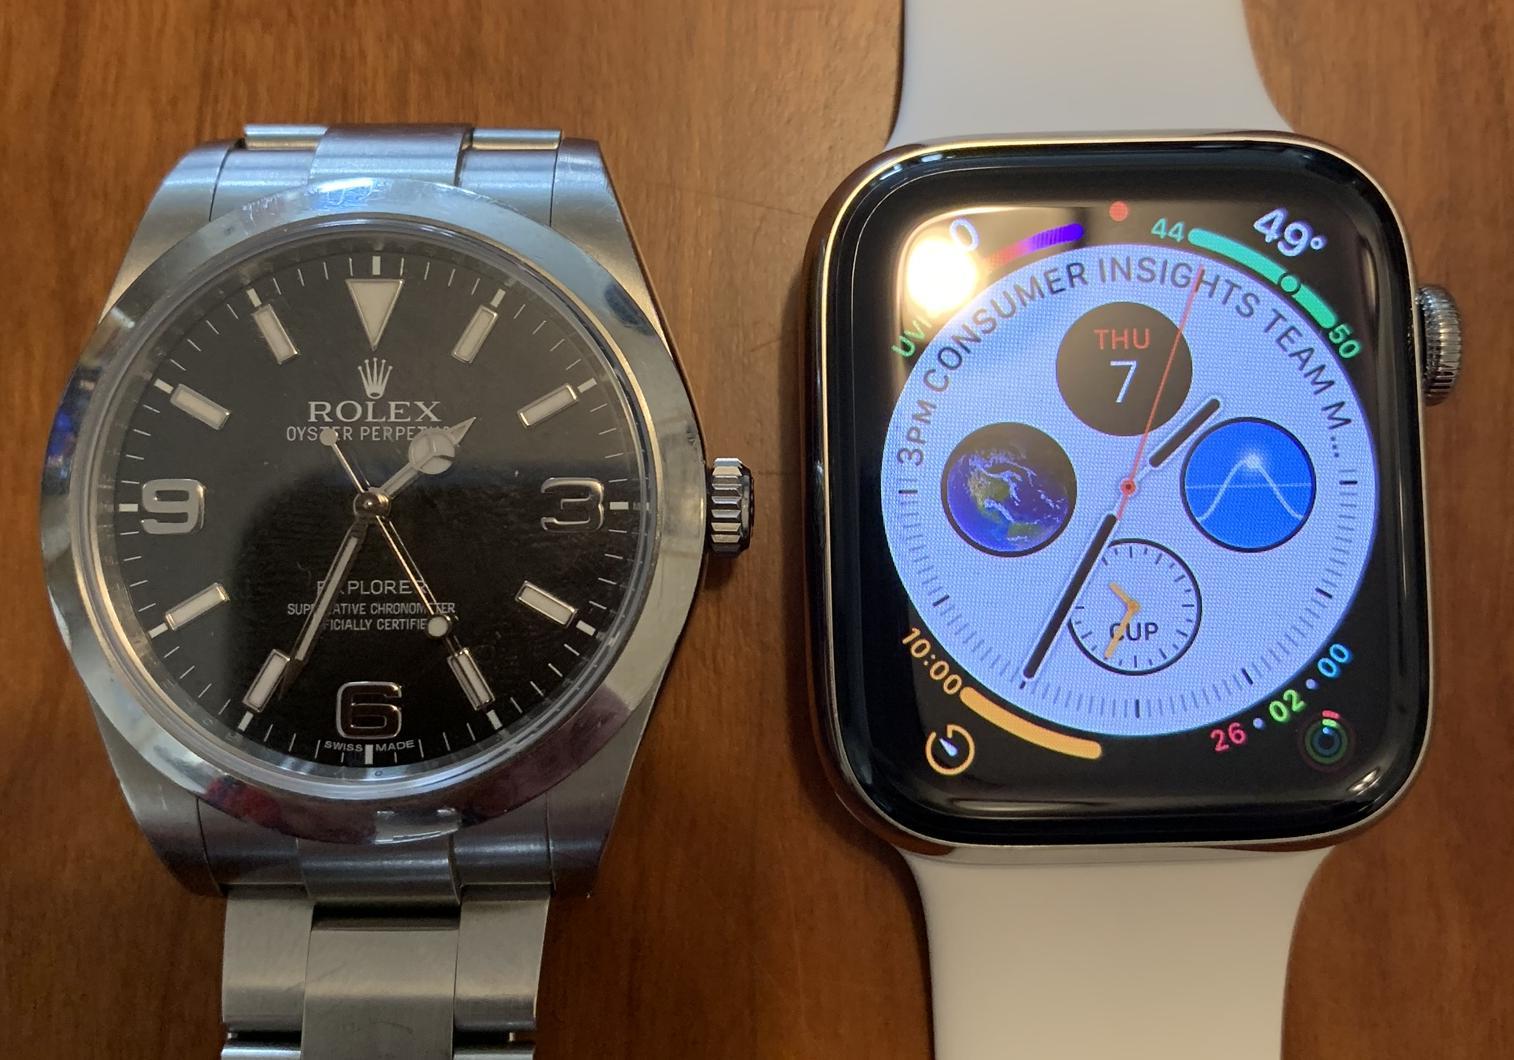 Apple Watch v Rolex